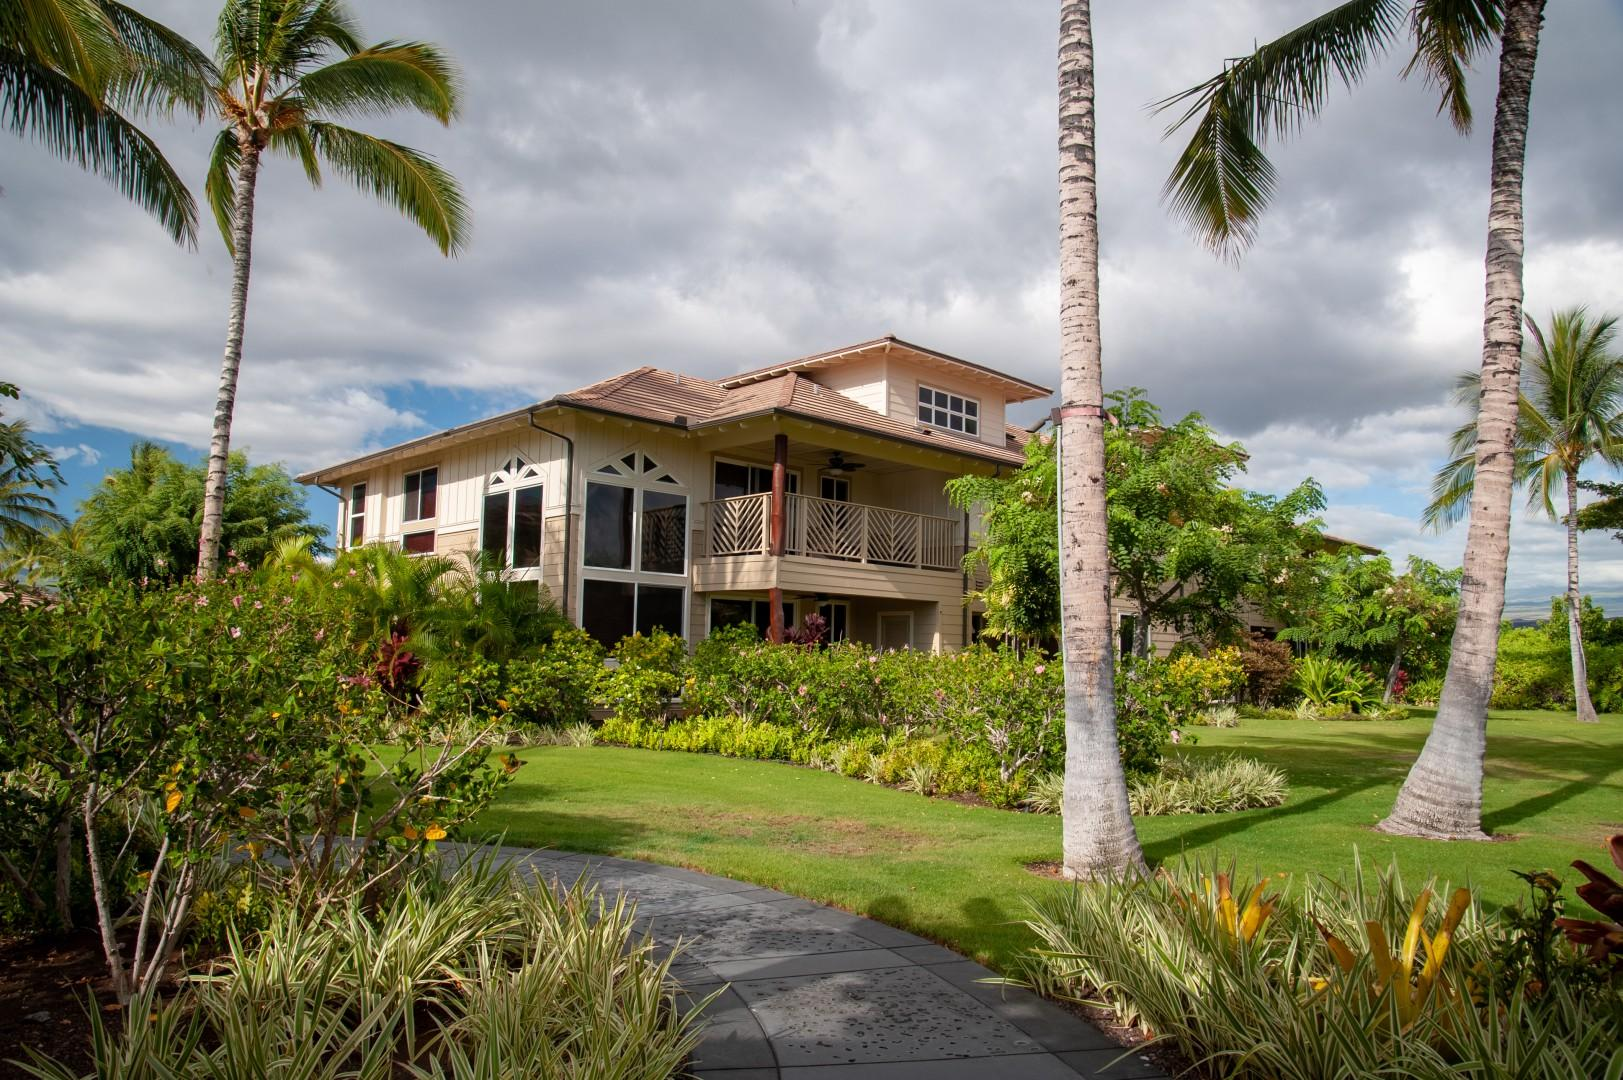 The Villa Boasts a Desirable Corner Unit Location